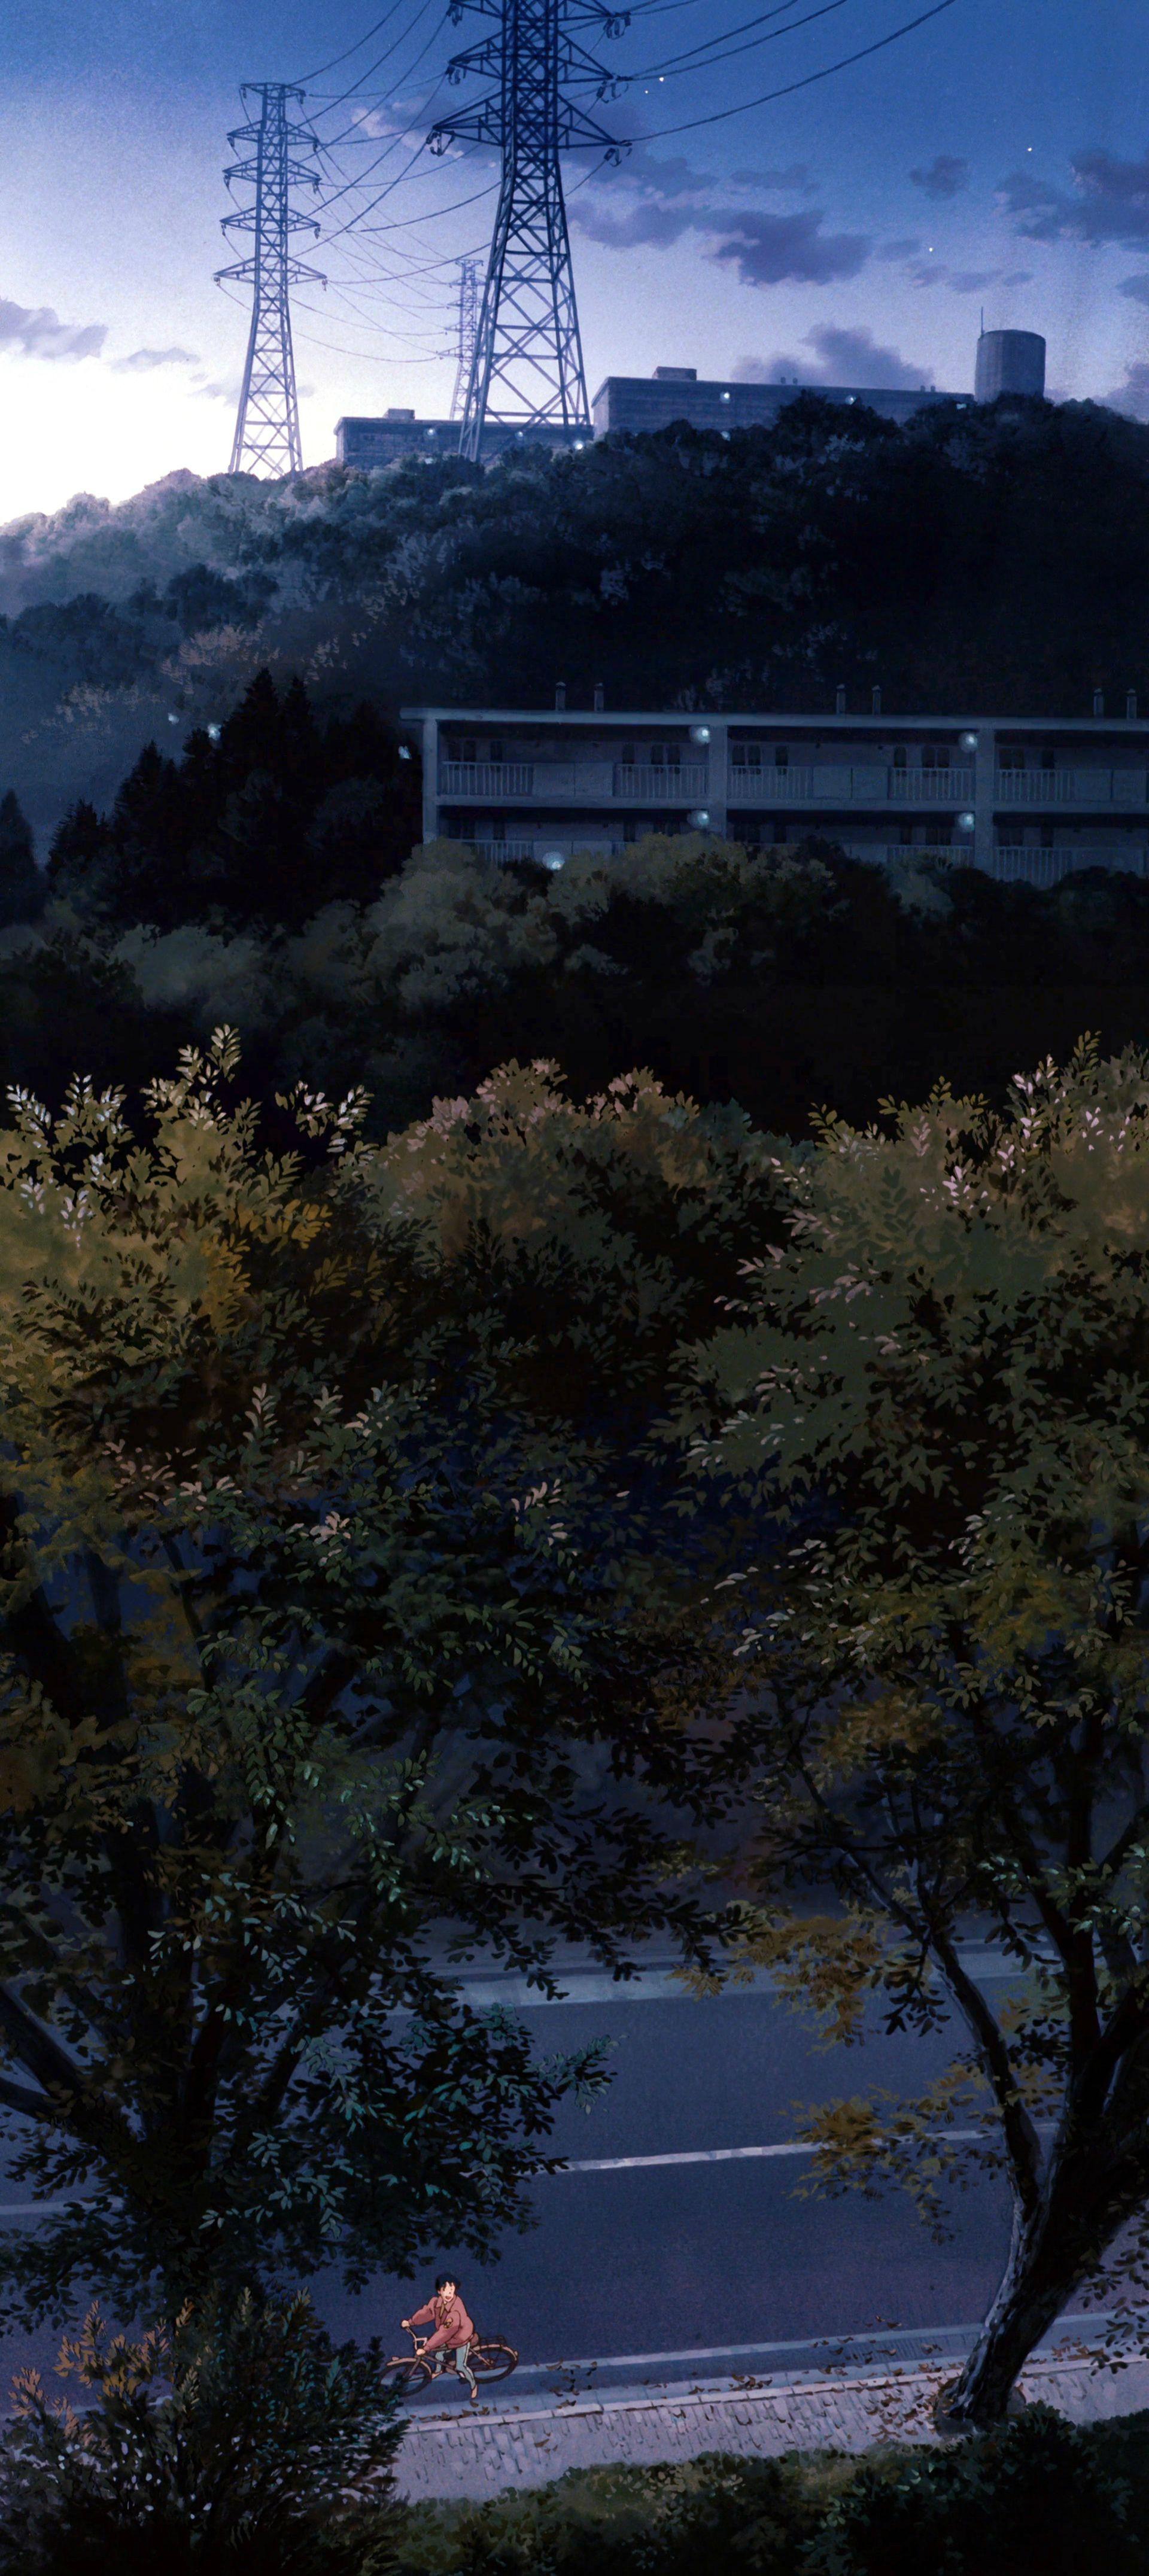 Whisper Of The Heart Ghibli Art Fantasy Landscape Anime Scenery